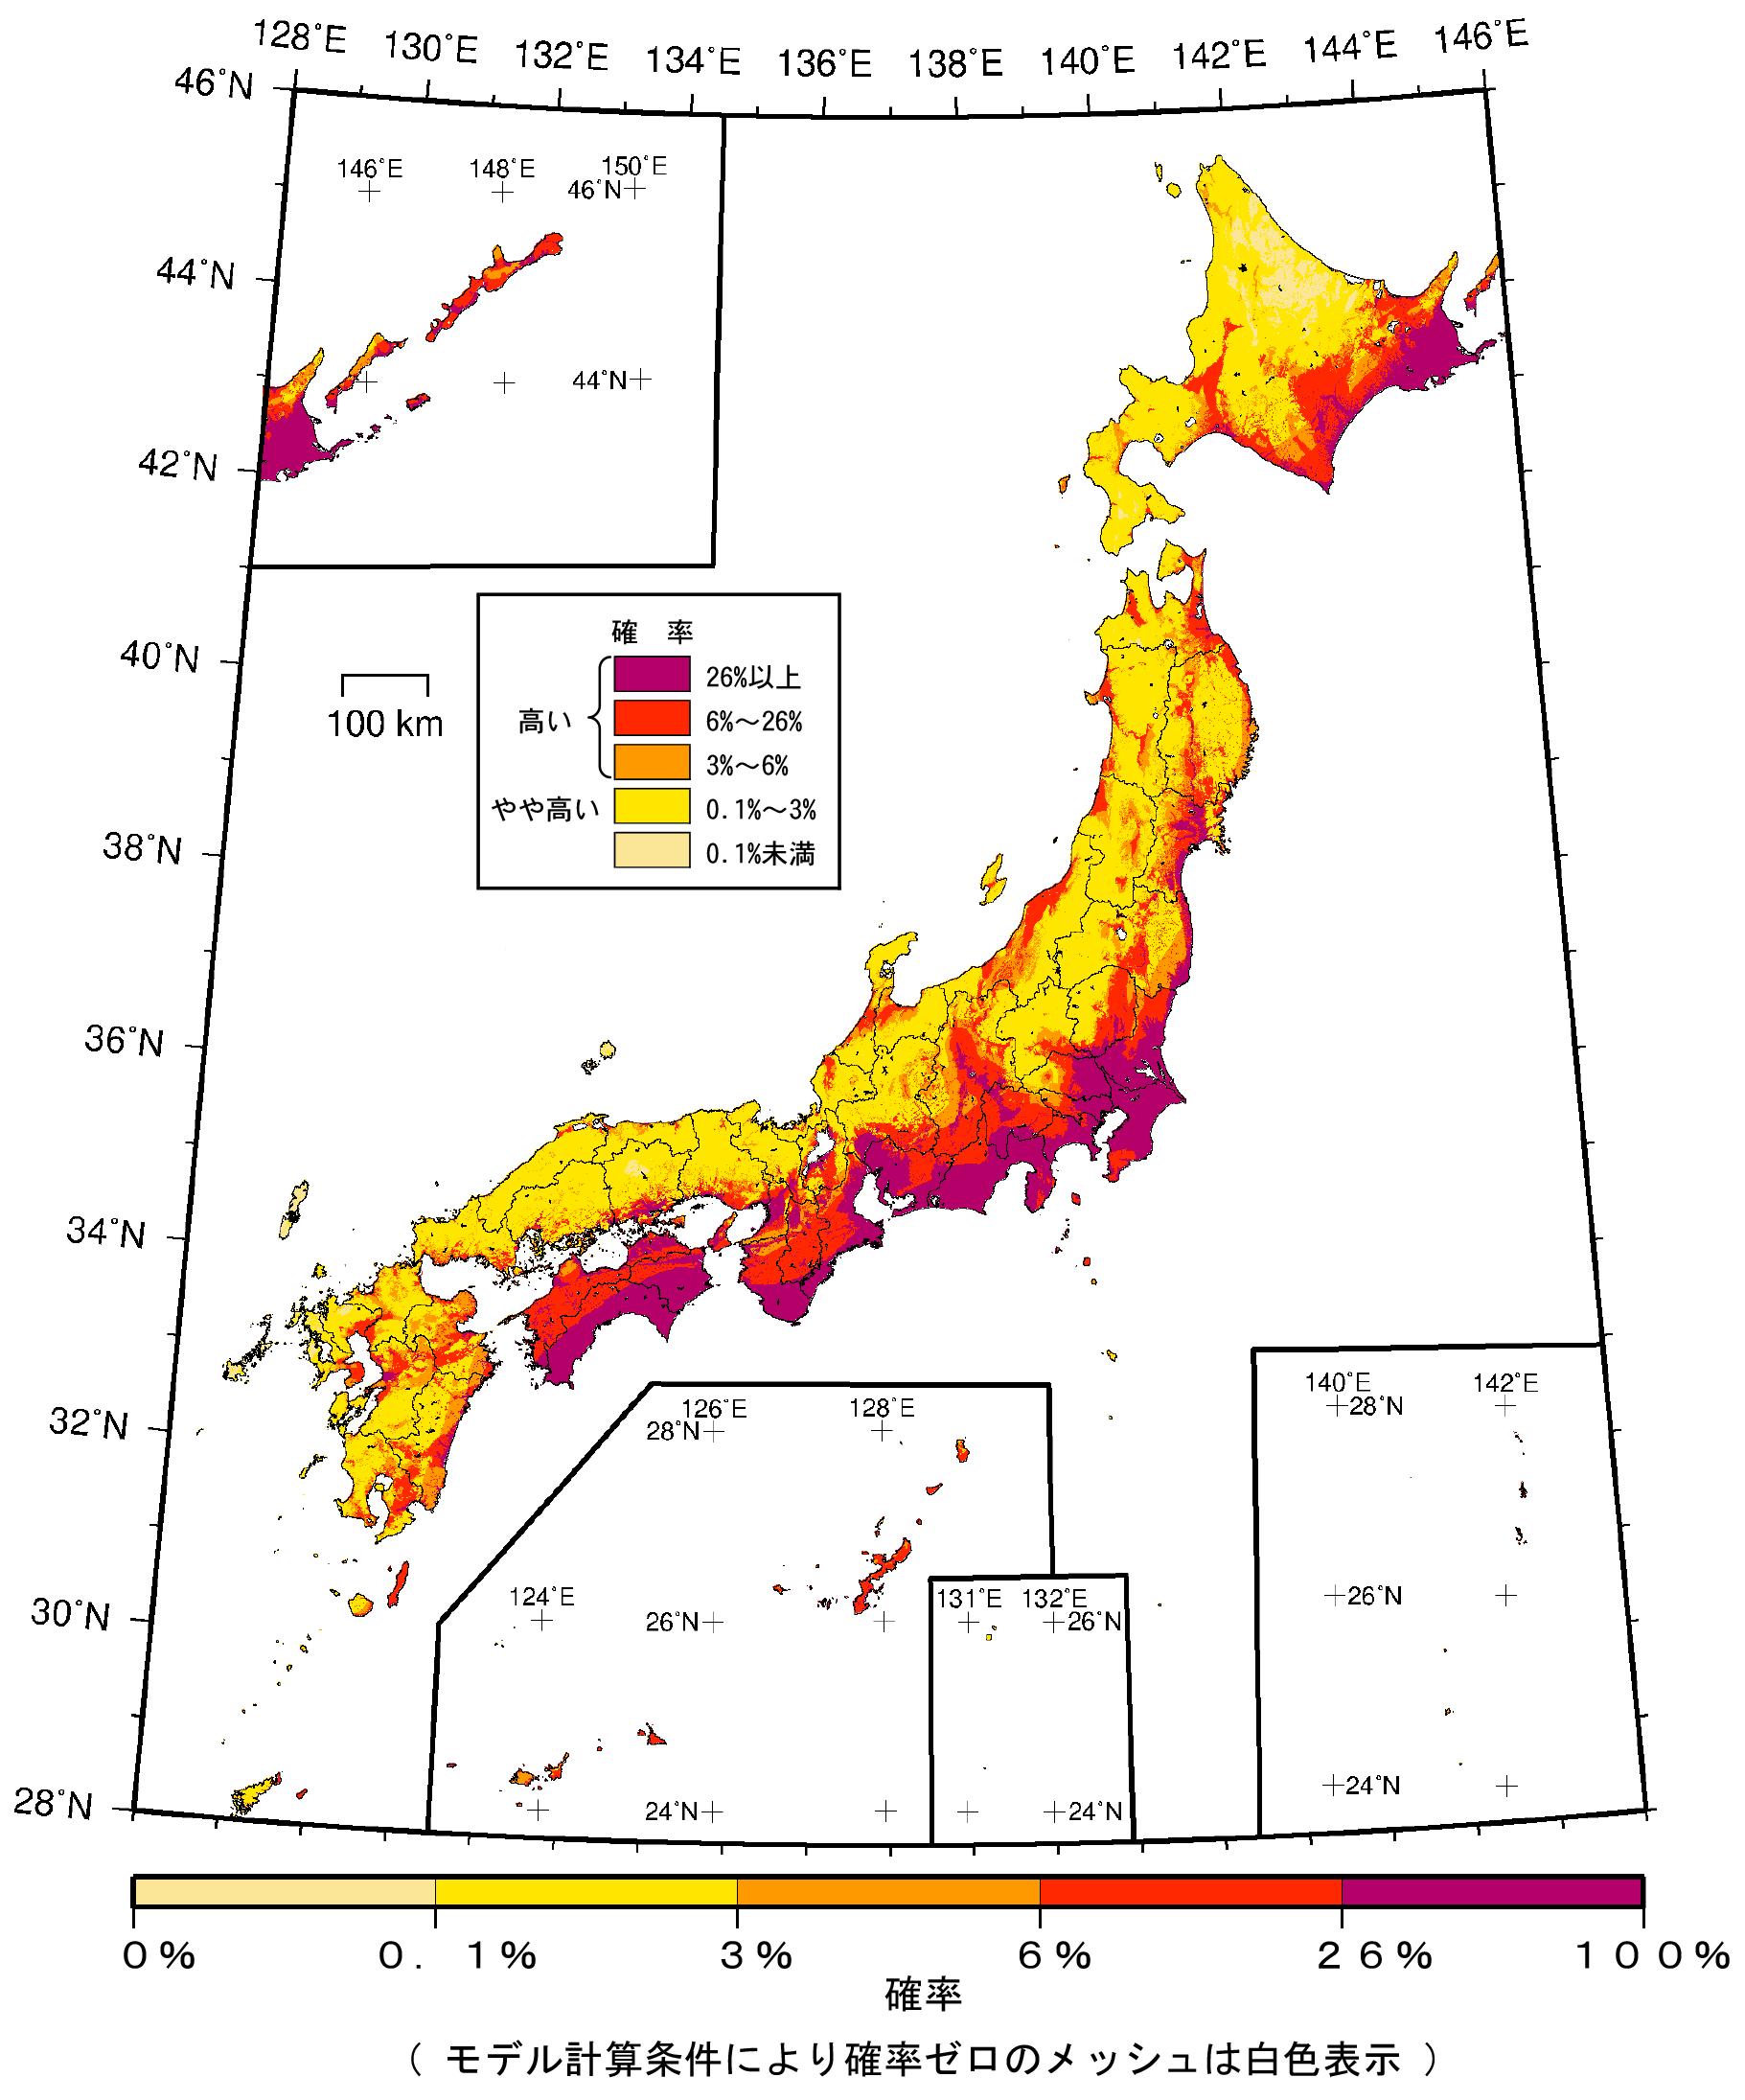 地震動予測地図